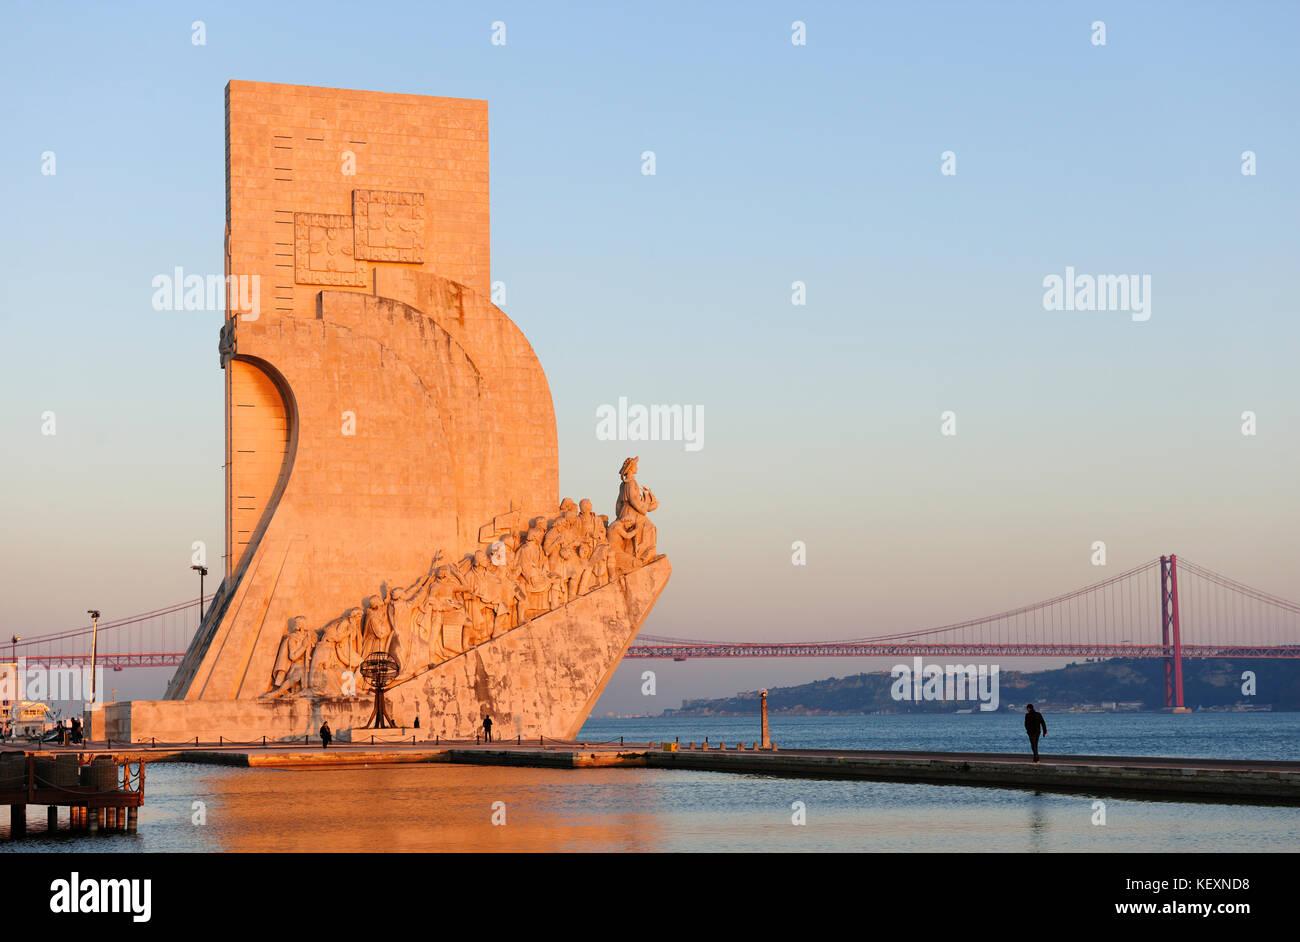 Padrão dos Descobrimentos (Monument to the Discoveries), Lisbon. Portugal - Stock Image